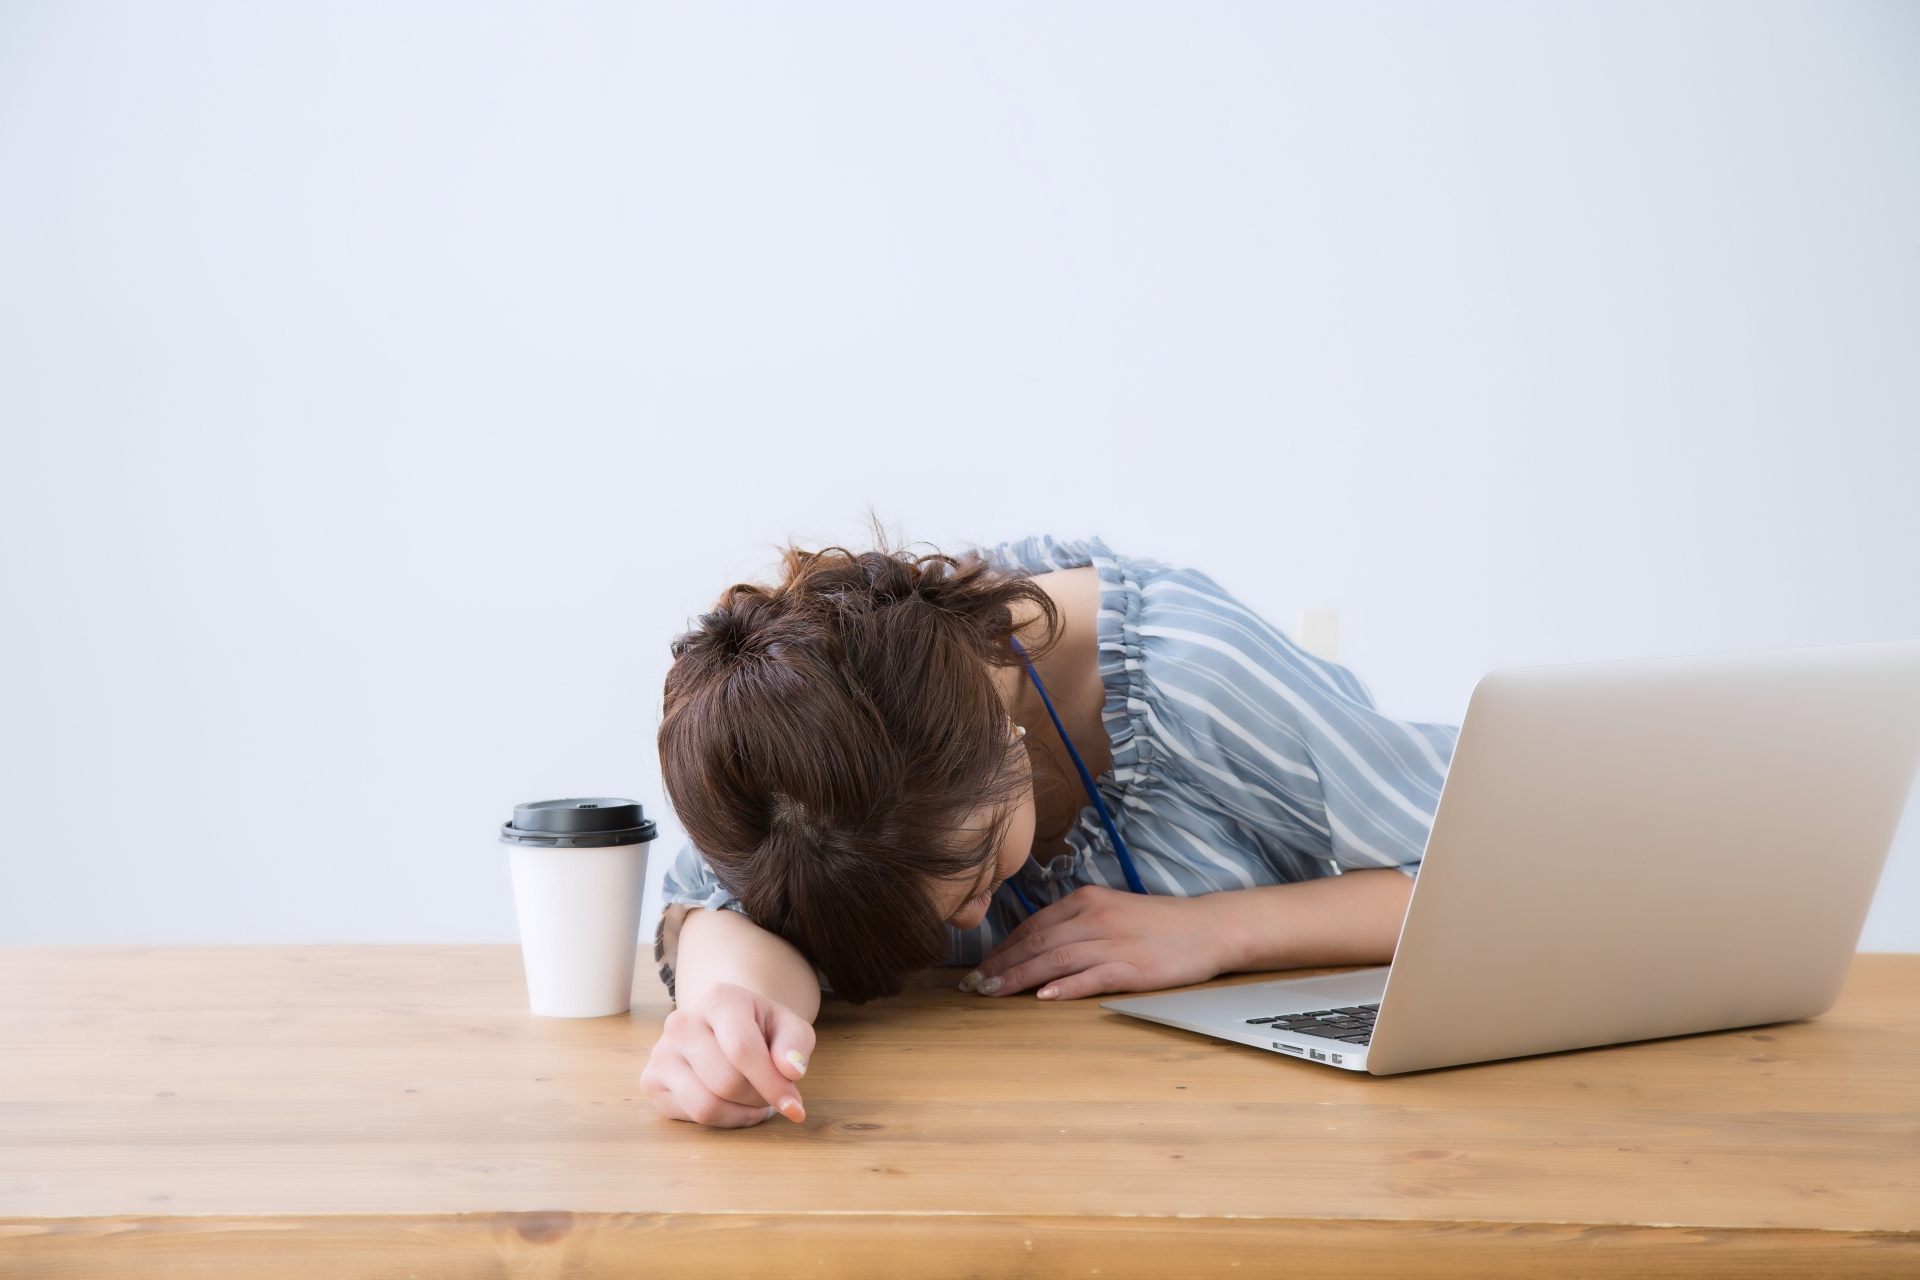 テレワークで疲れた女性